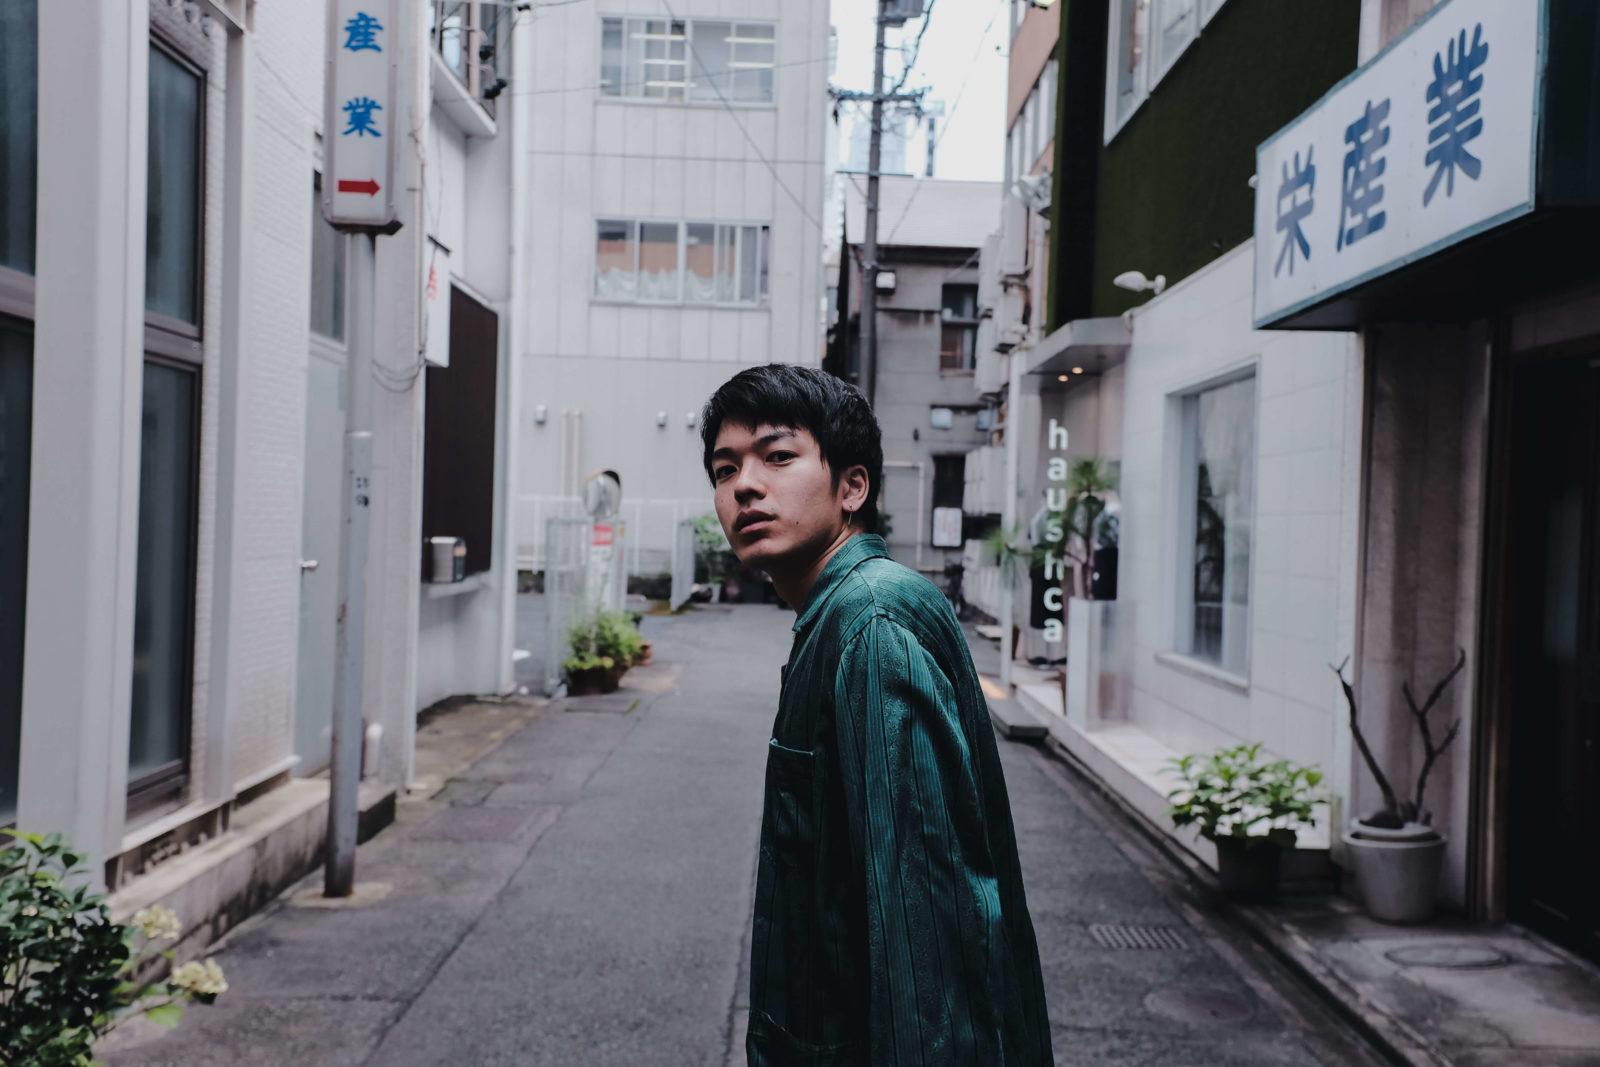 碧海祐人、自身初となるEP『逃避行の窓』をリリース&リード曲「夕凪、慕情」のMV公開サムネイル画像